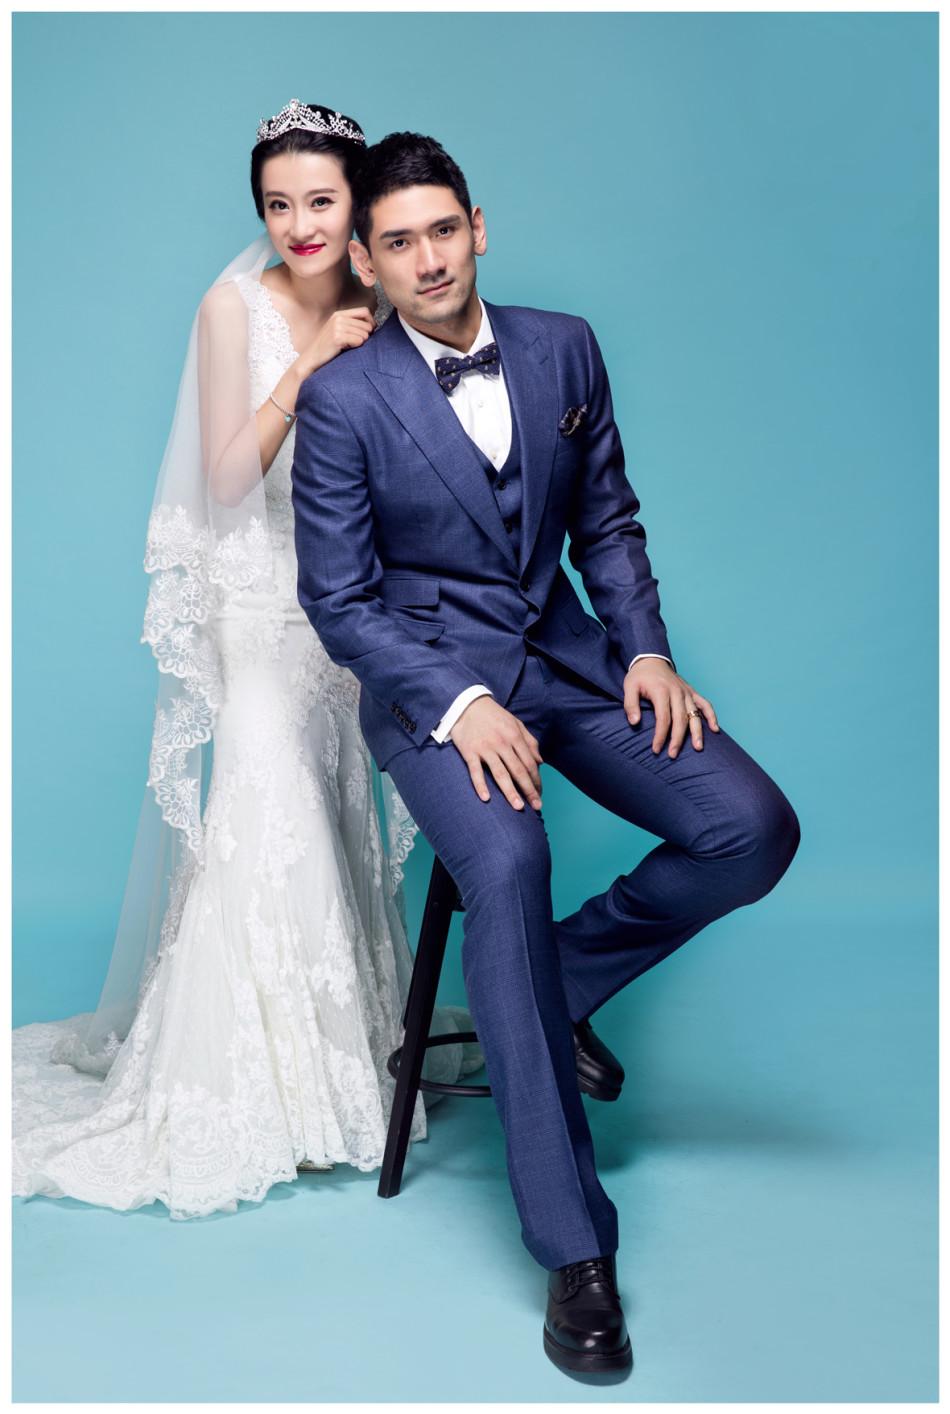 钟诚和美妻结婚写真